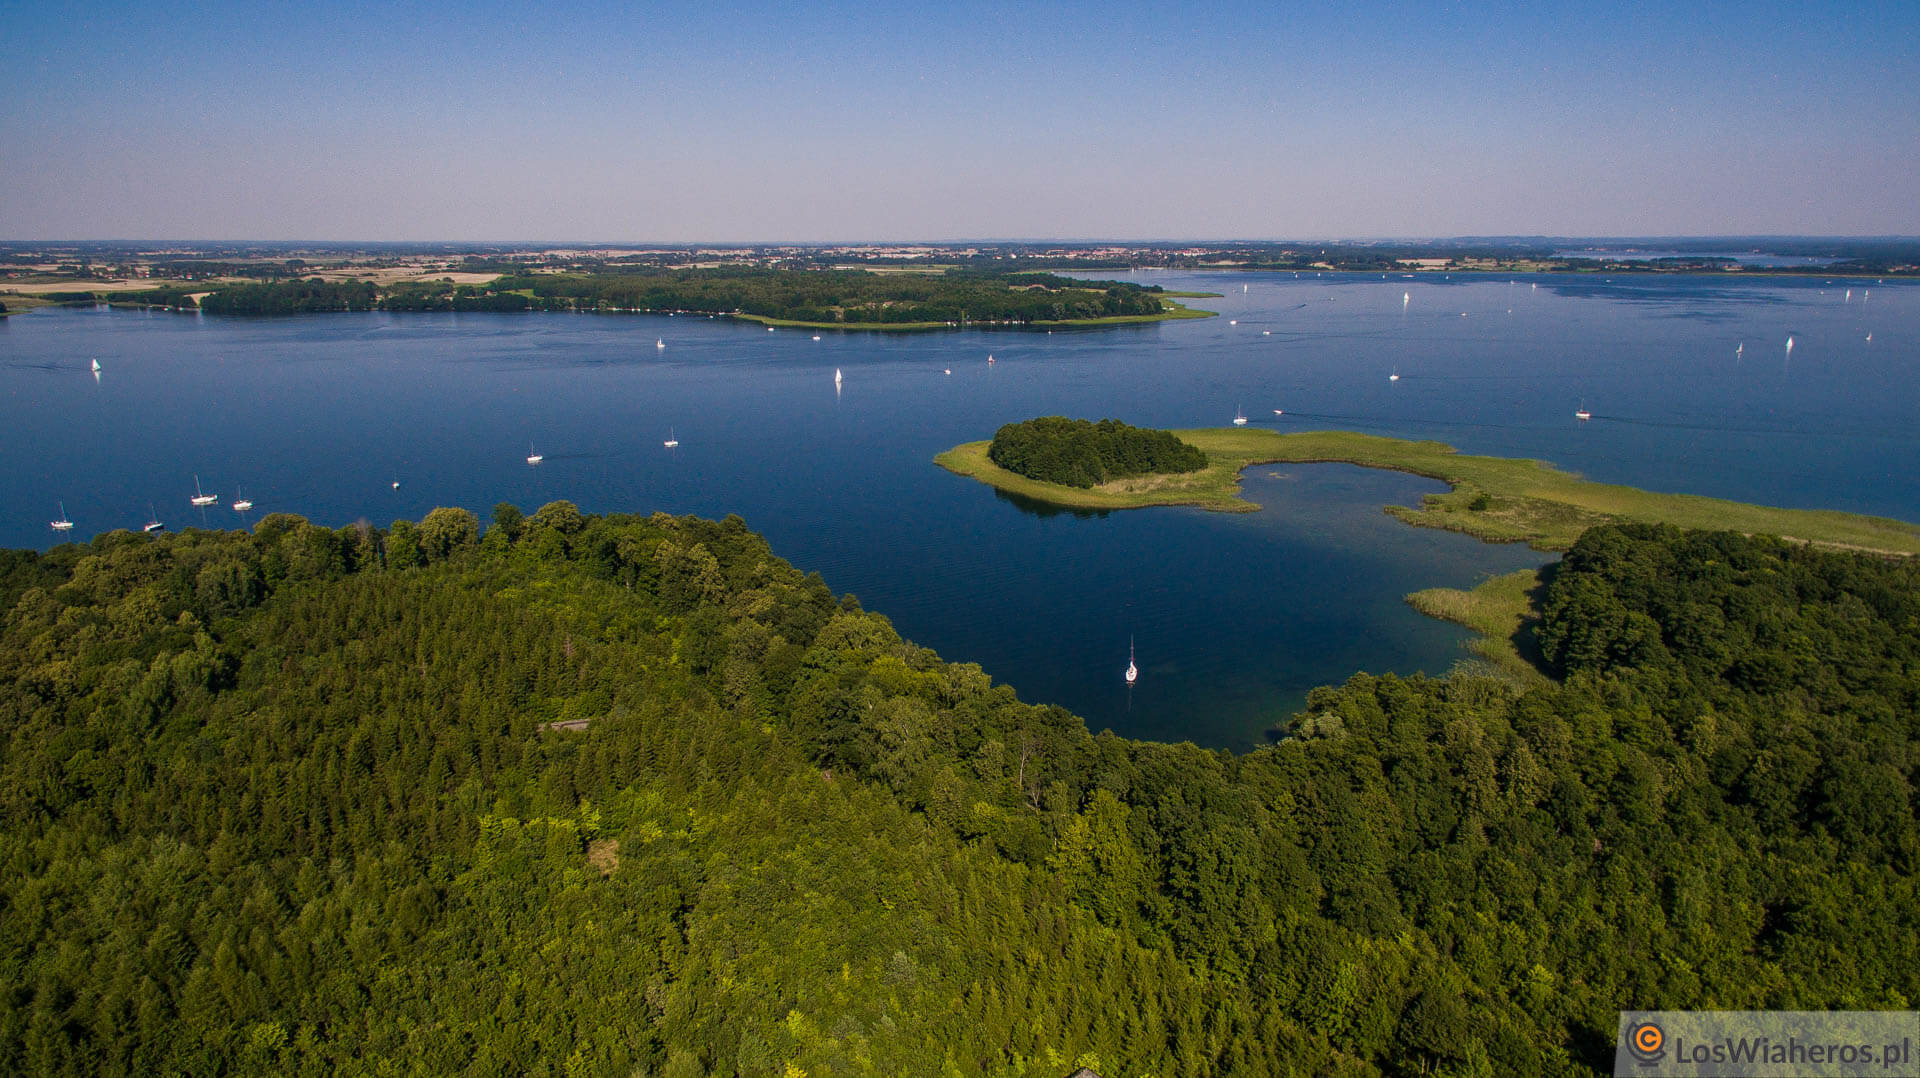 Postrzępiony brzeg Jeziora Mamry widziany odmiejscowości Mamerki.